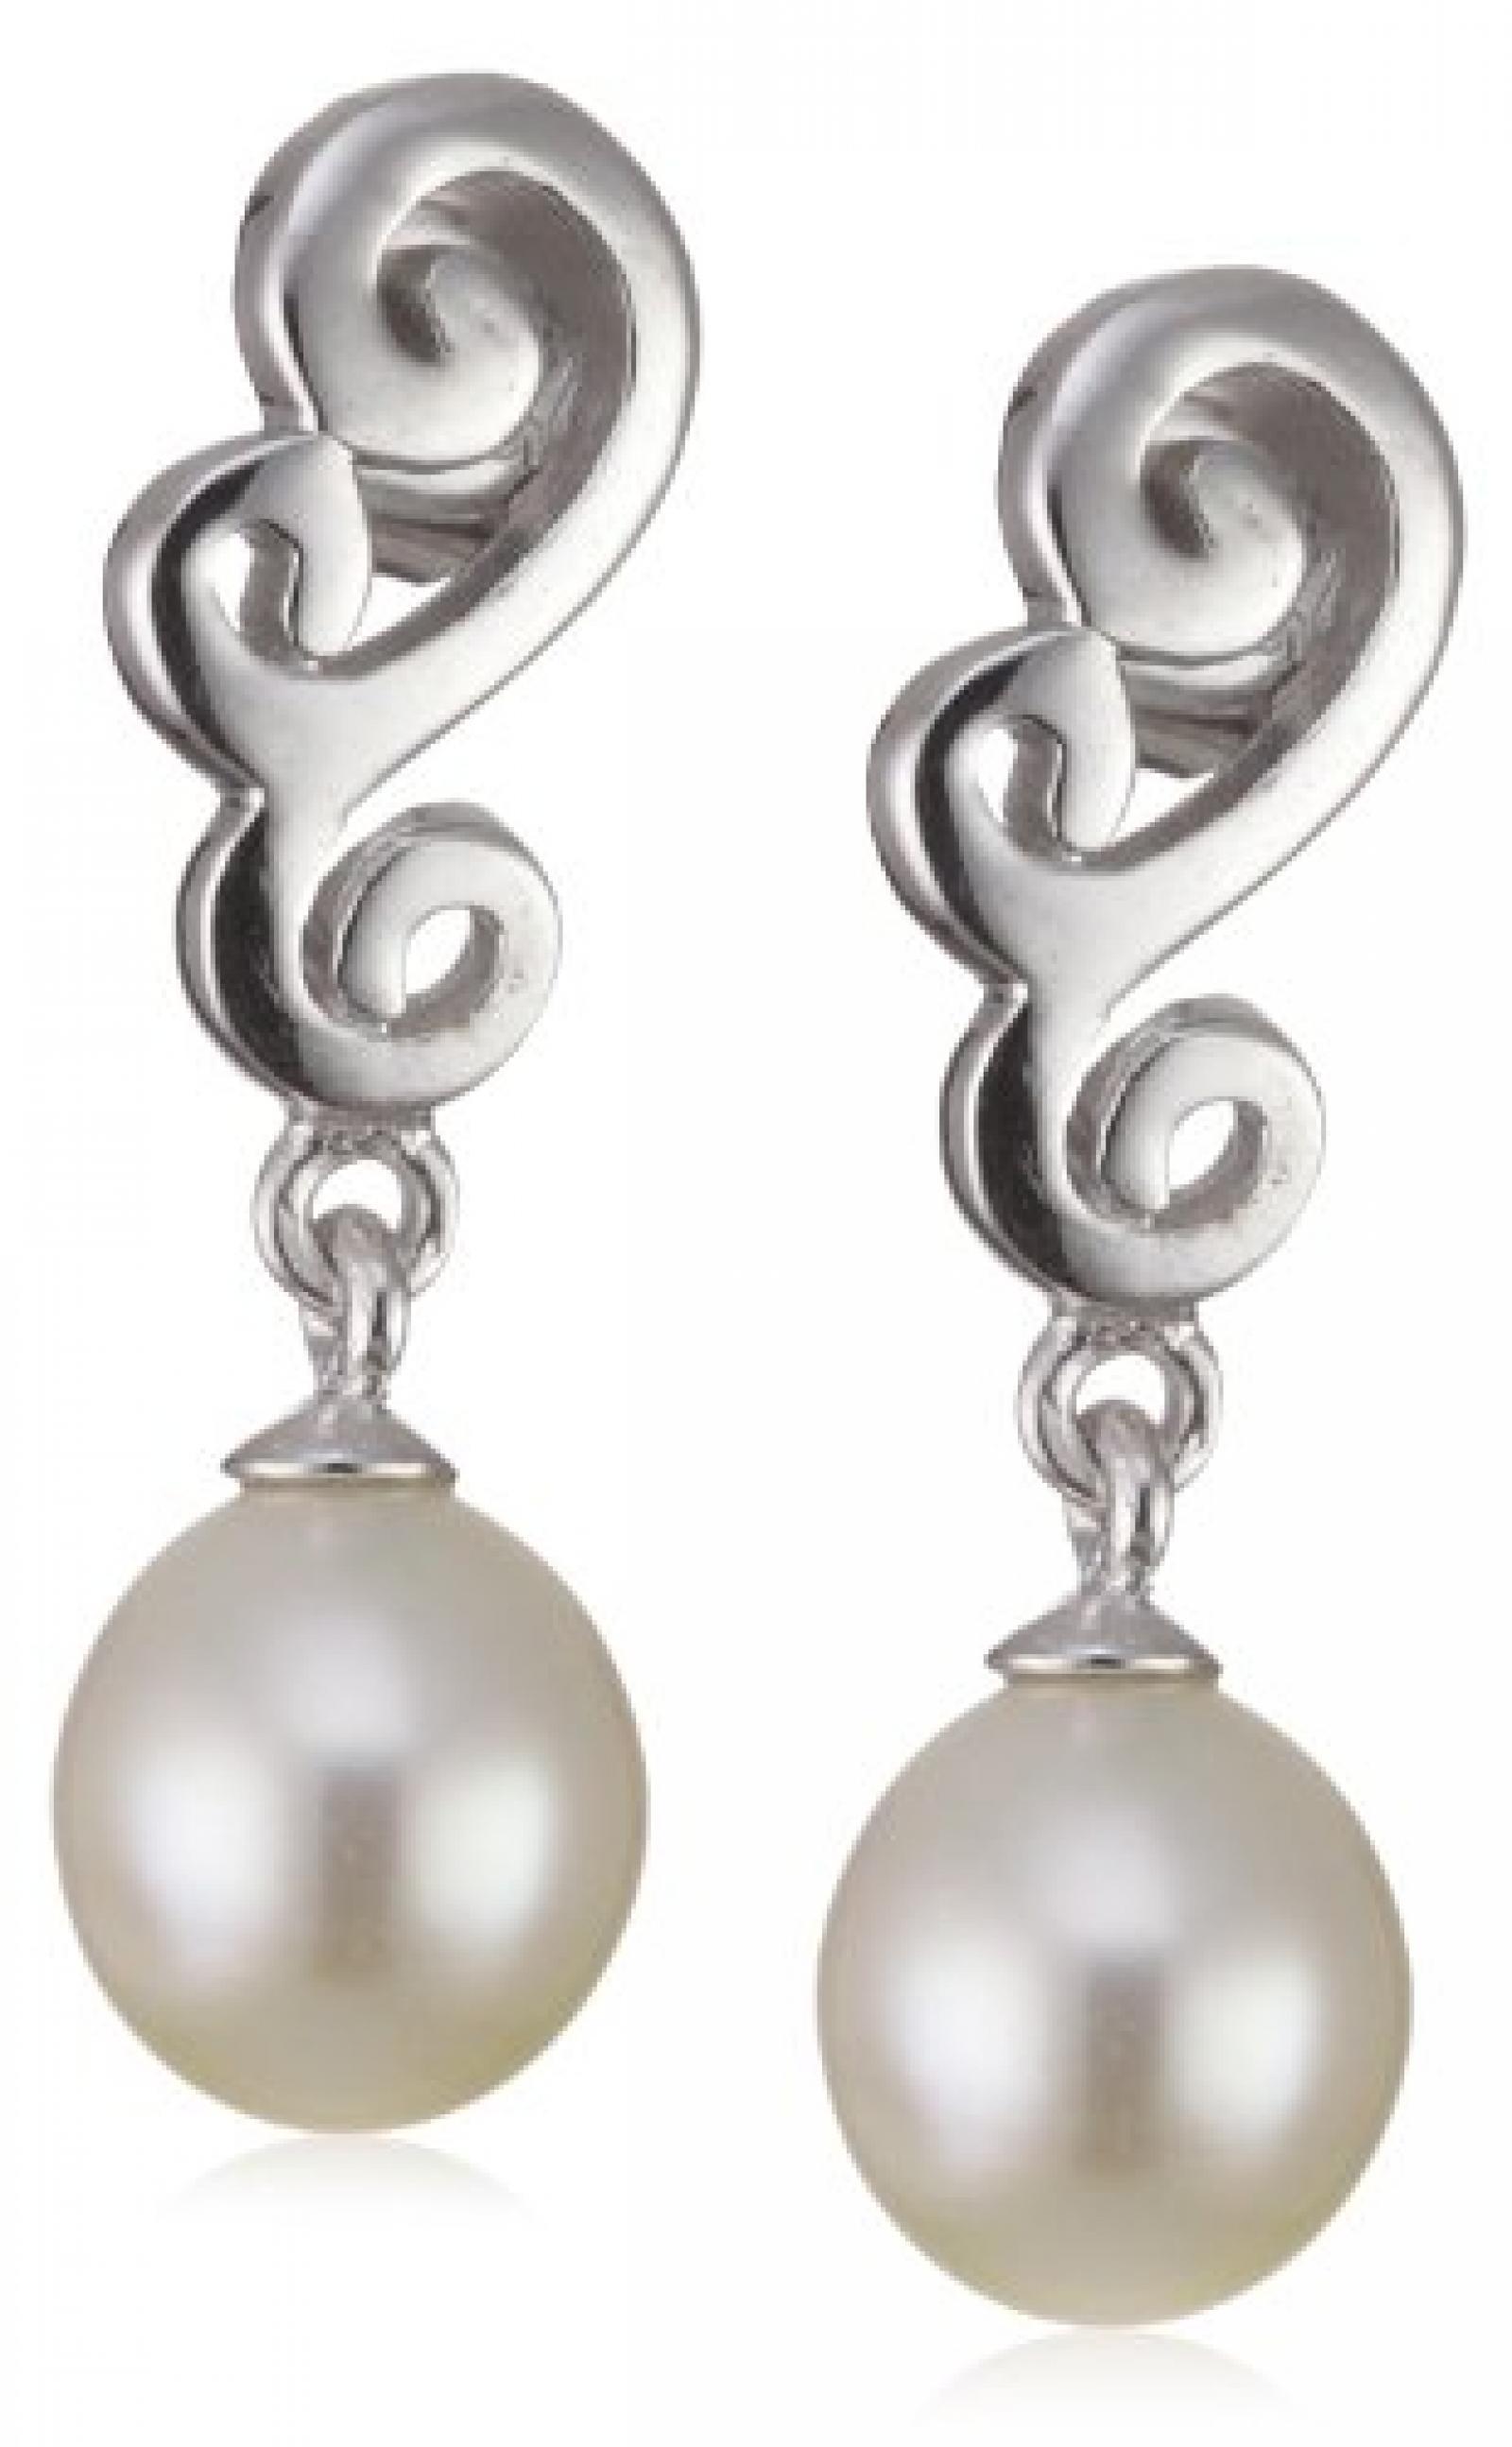 Valero Pearls Silver Collection Damen-Ohrstecker Hochwertige Süßwasser-Zuchtperlen in ca.  8 mm Tropfenform weiß 925 Sterling Silber       60200023